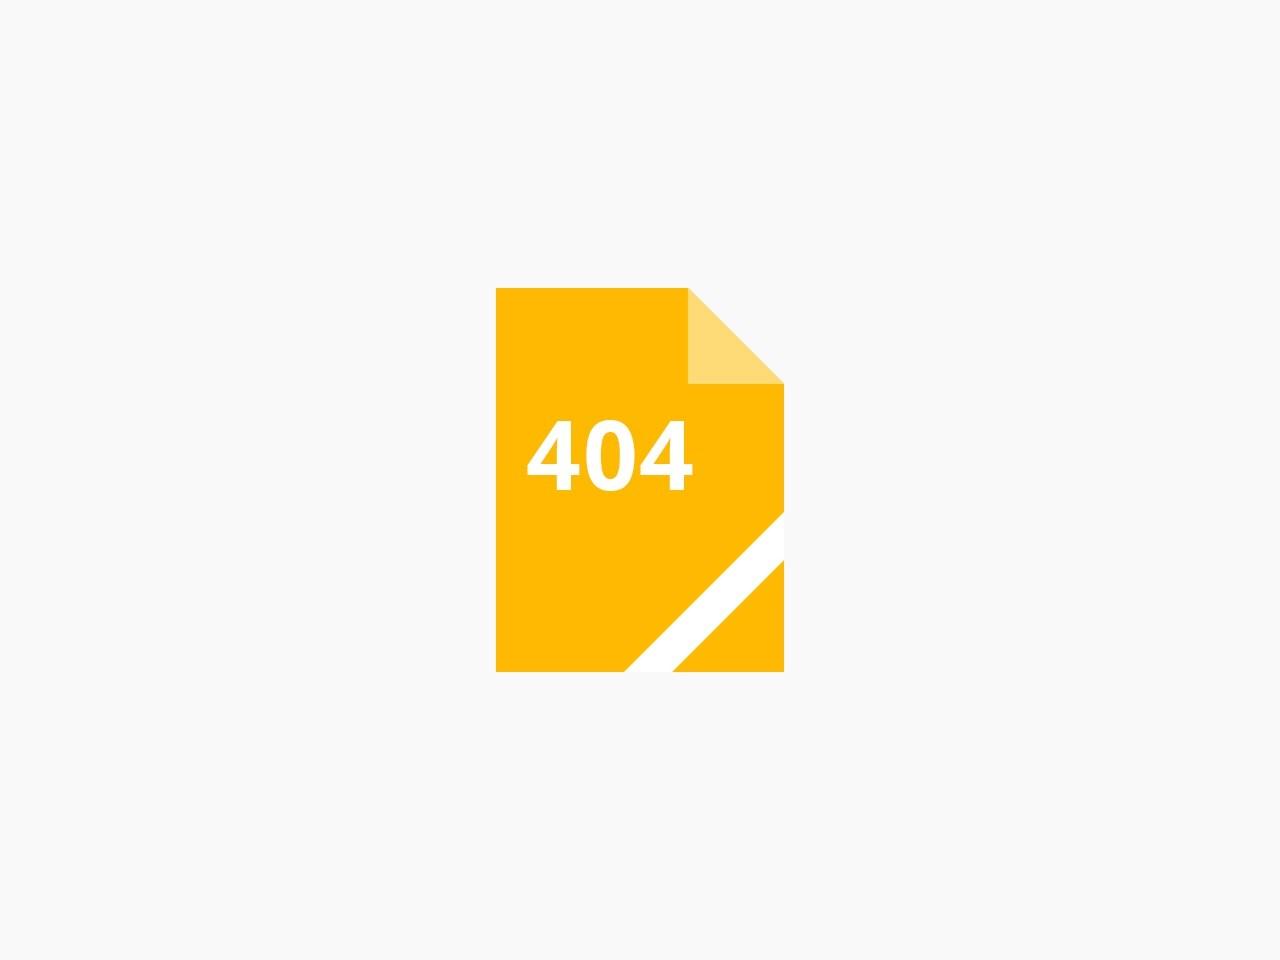 東京武道衣株式会社